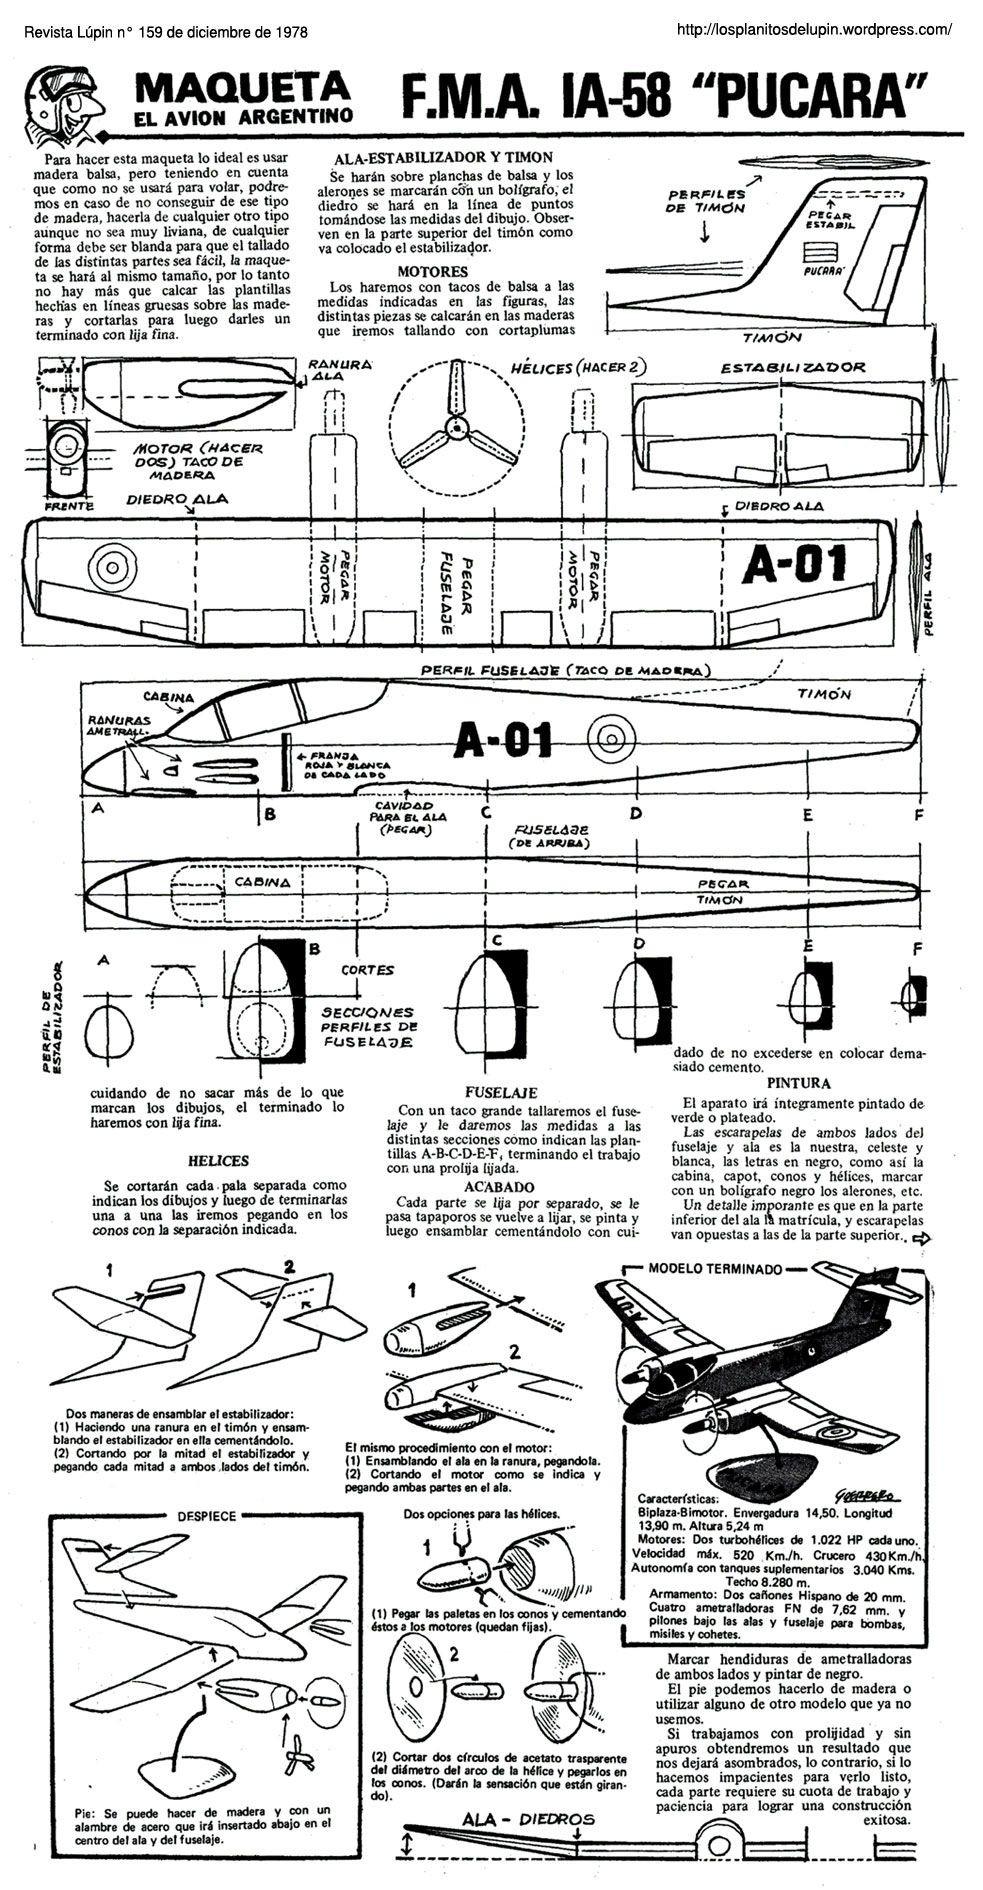 Hp Papercraft Planitos De Lºpin Ia 58 Pucará Samolot Pinterest